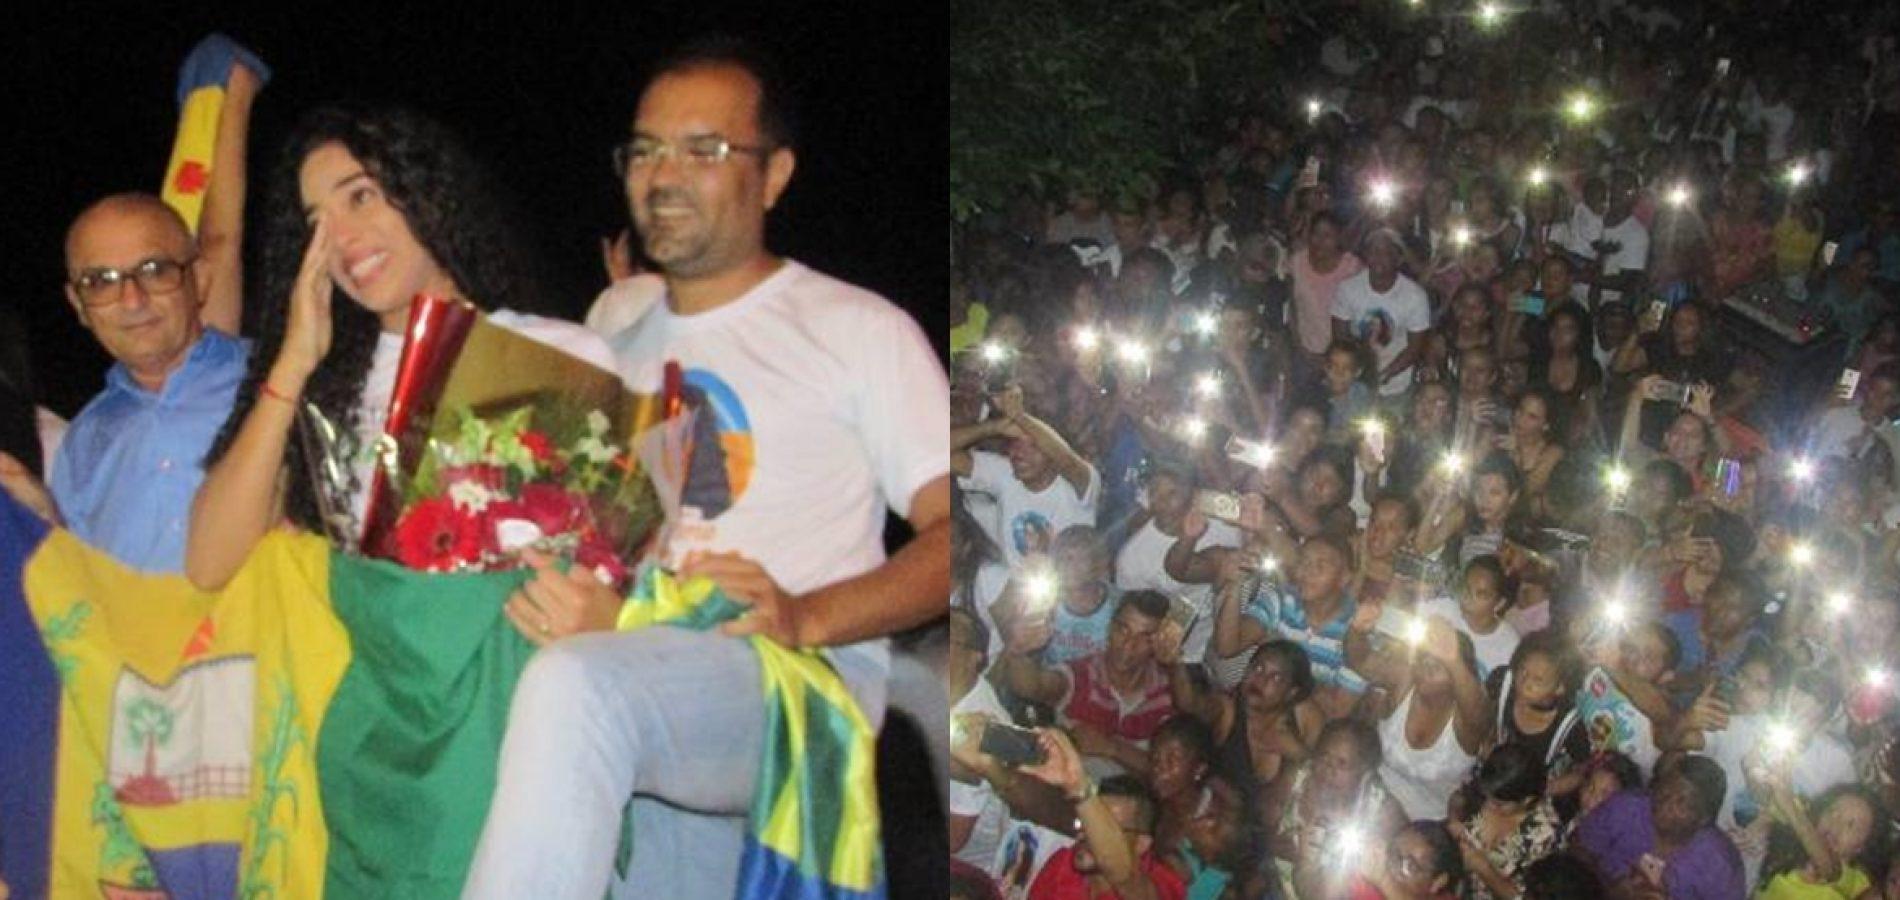 Ex-BBB Elana arrasta multidão e se emociona durante carreata em Nazaré do Piauí